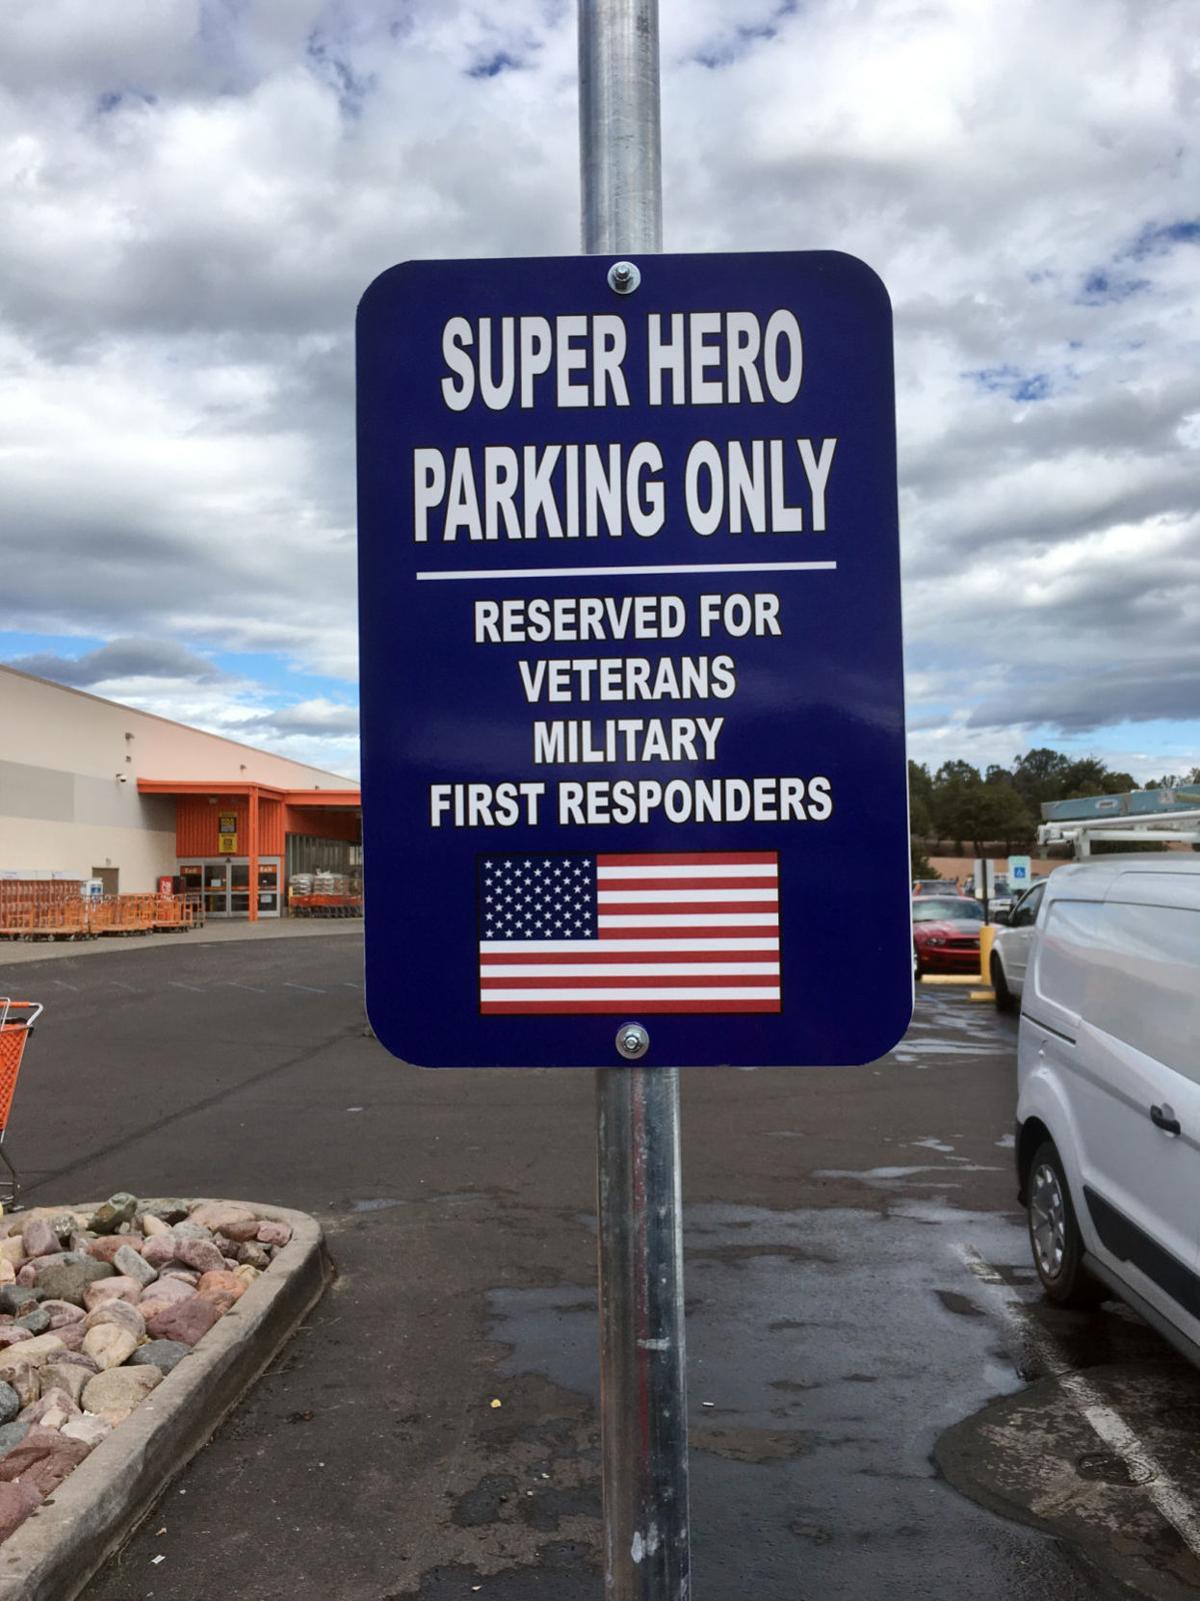 Vet parking home depot